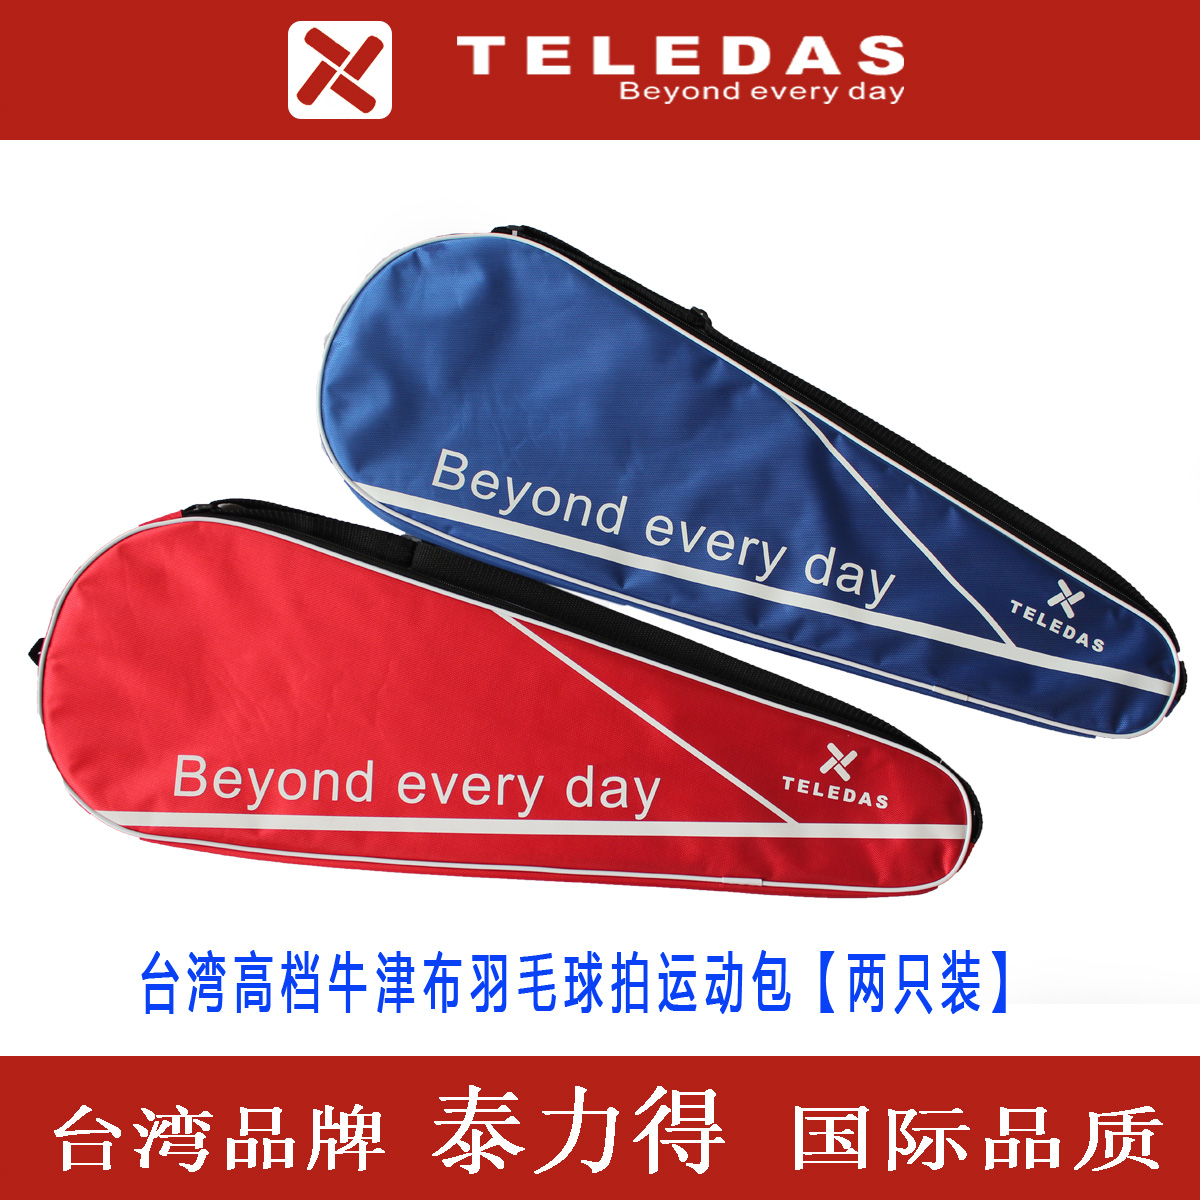 台湾の泰力の規格品のバドミントンのラケットのスポーツバッグは袋の牛津布の真珠の綿を包んで厚い2本の包装をかぶせます